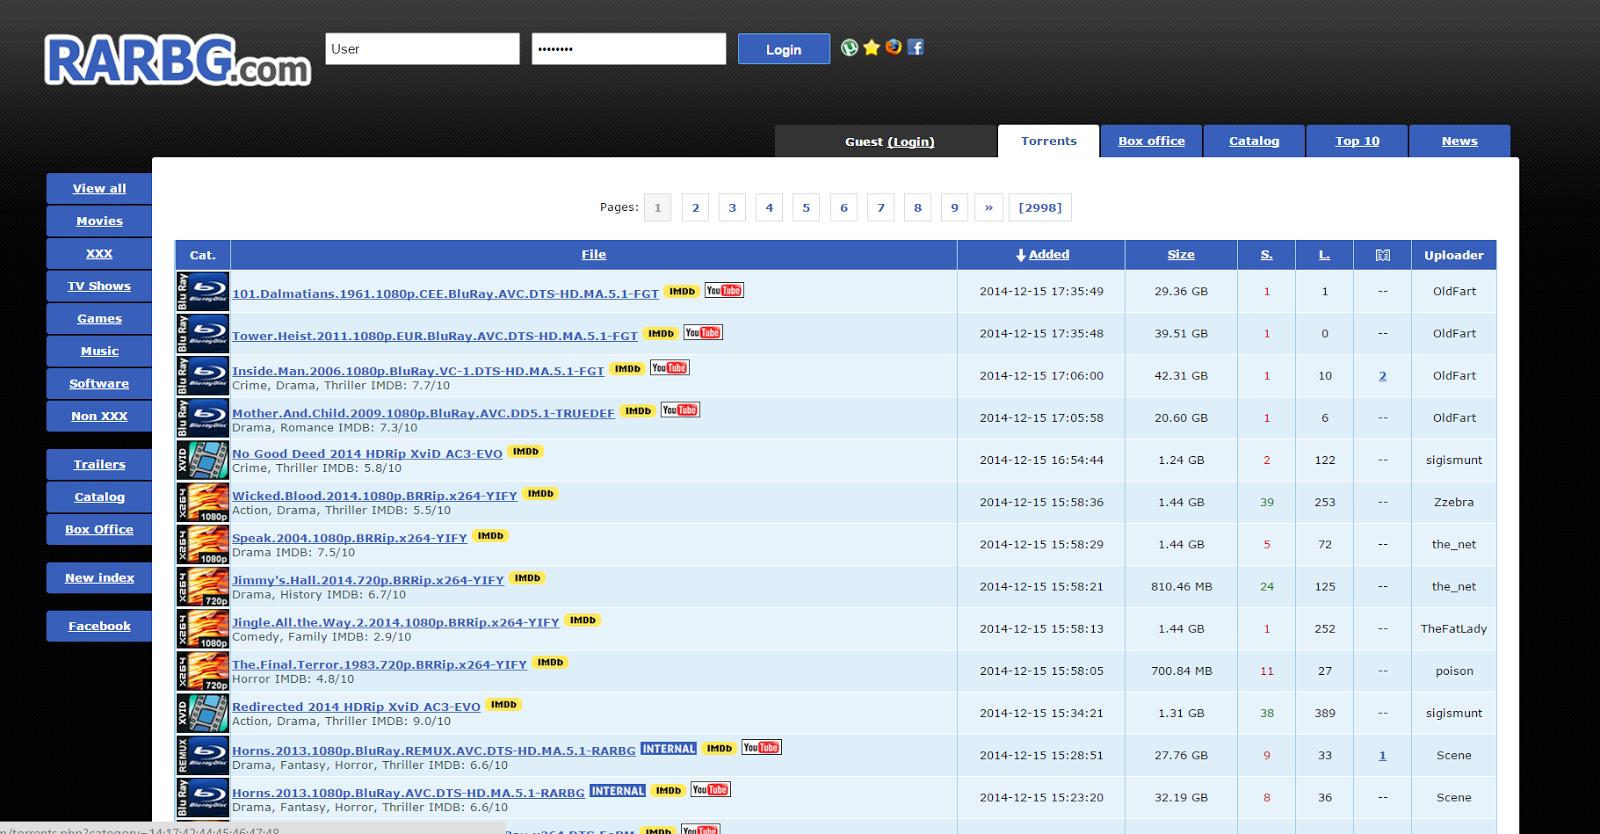 Bit torrent movie site